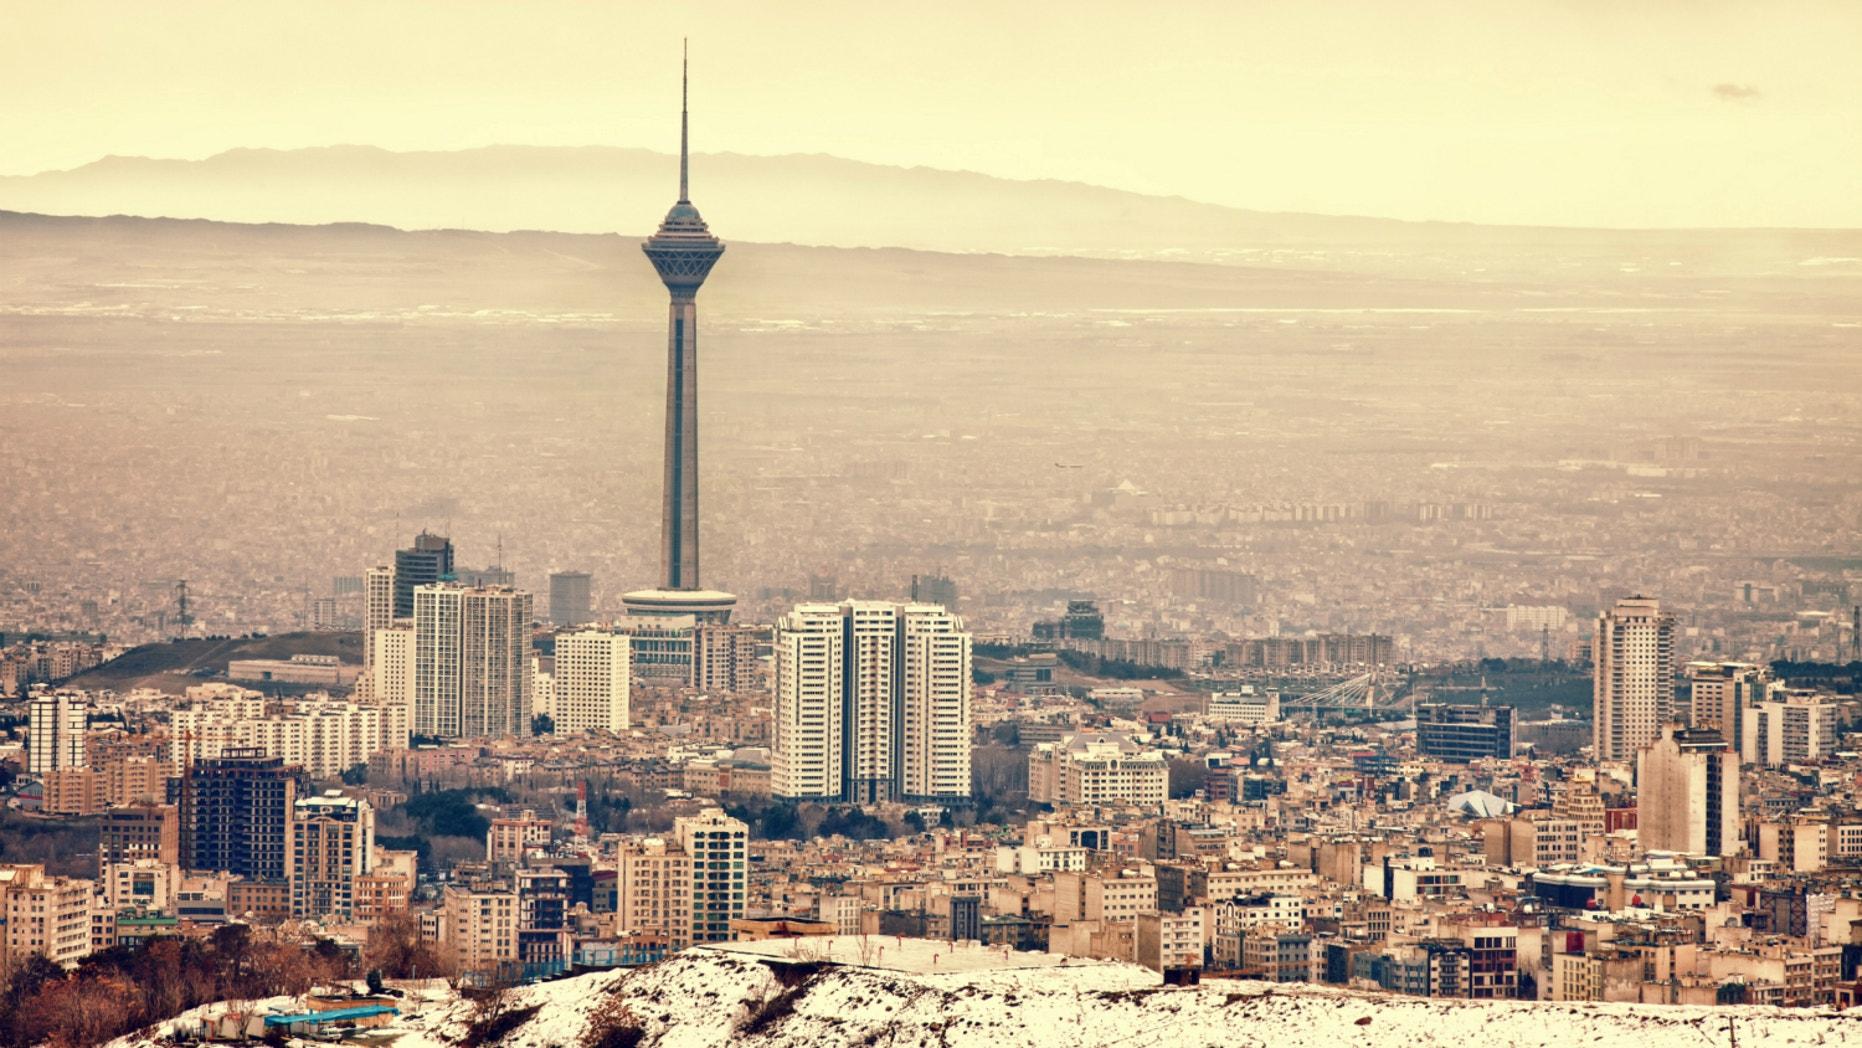 טהרן שוקעת ותעלם בתוך כמה שנים בגלל מחסור חמור במים  Tehran-sinking